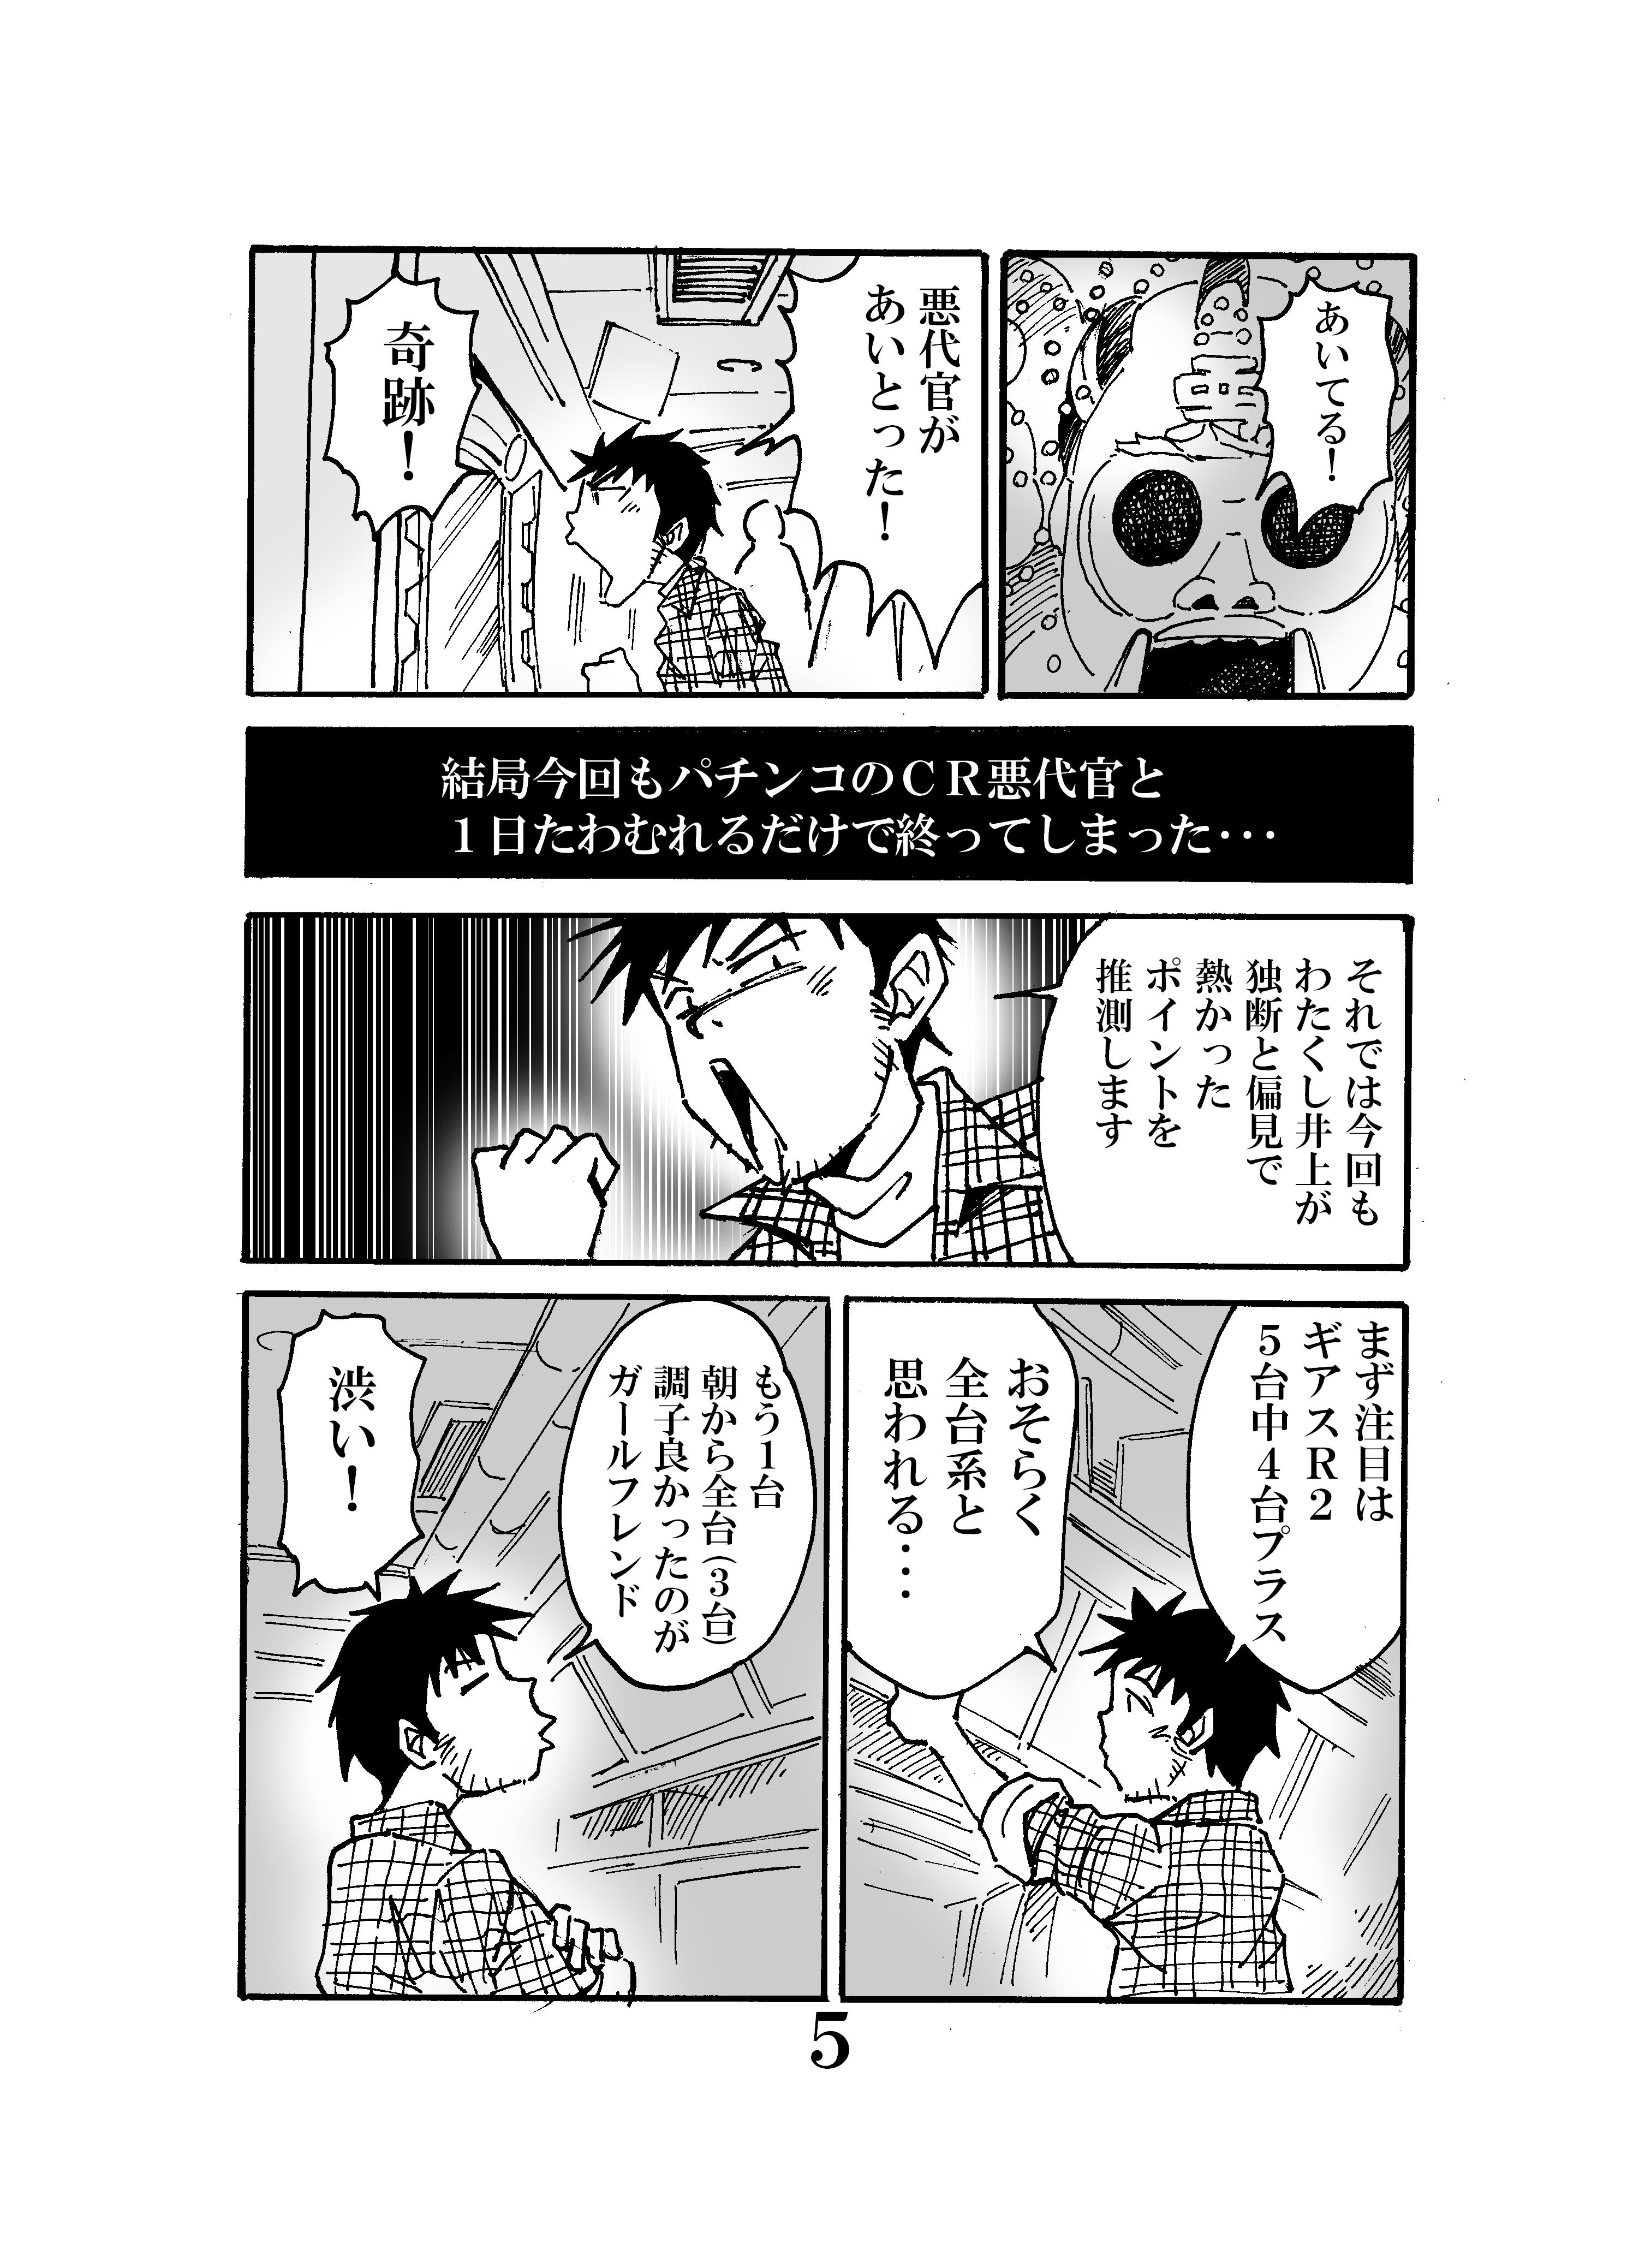 11月11日ワンチャンス⑤